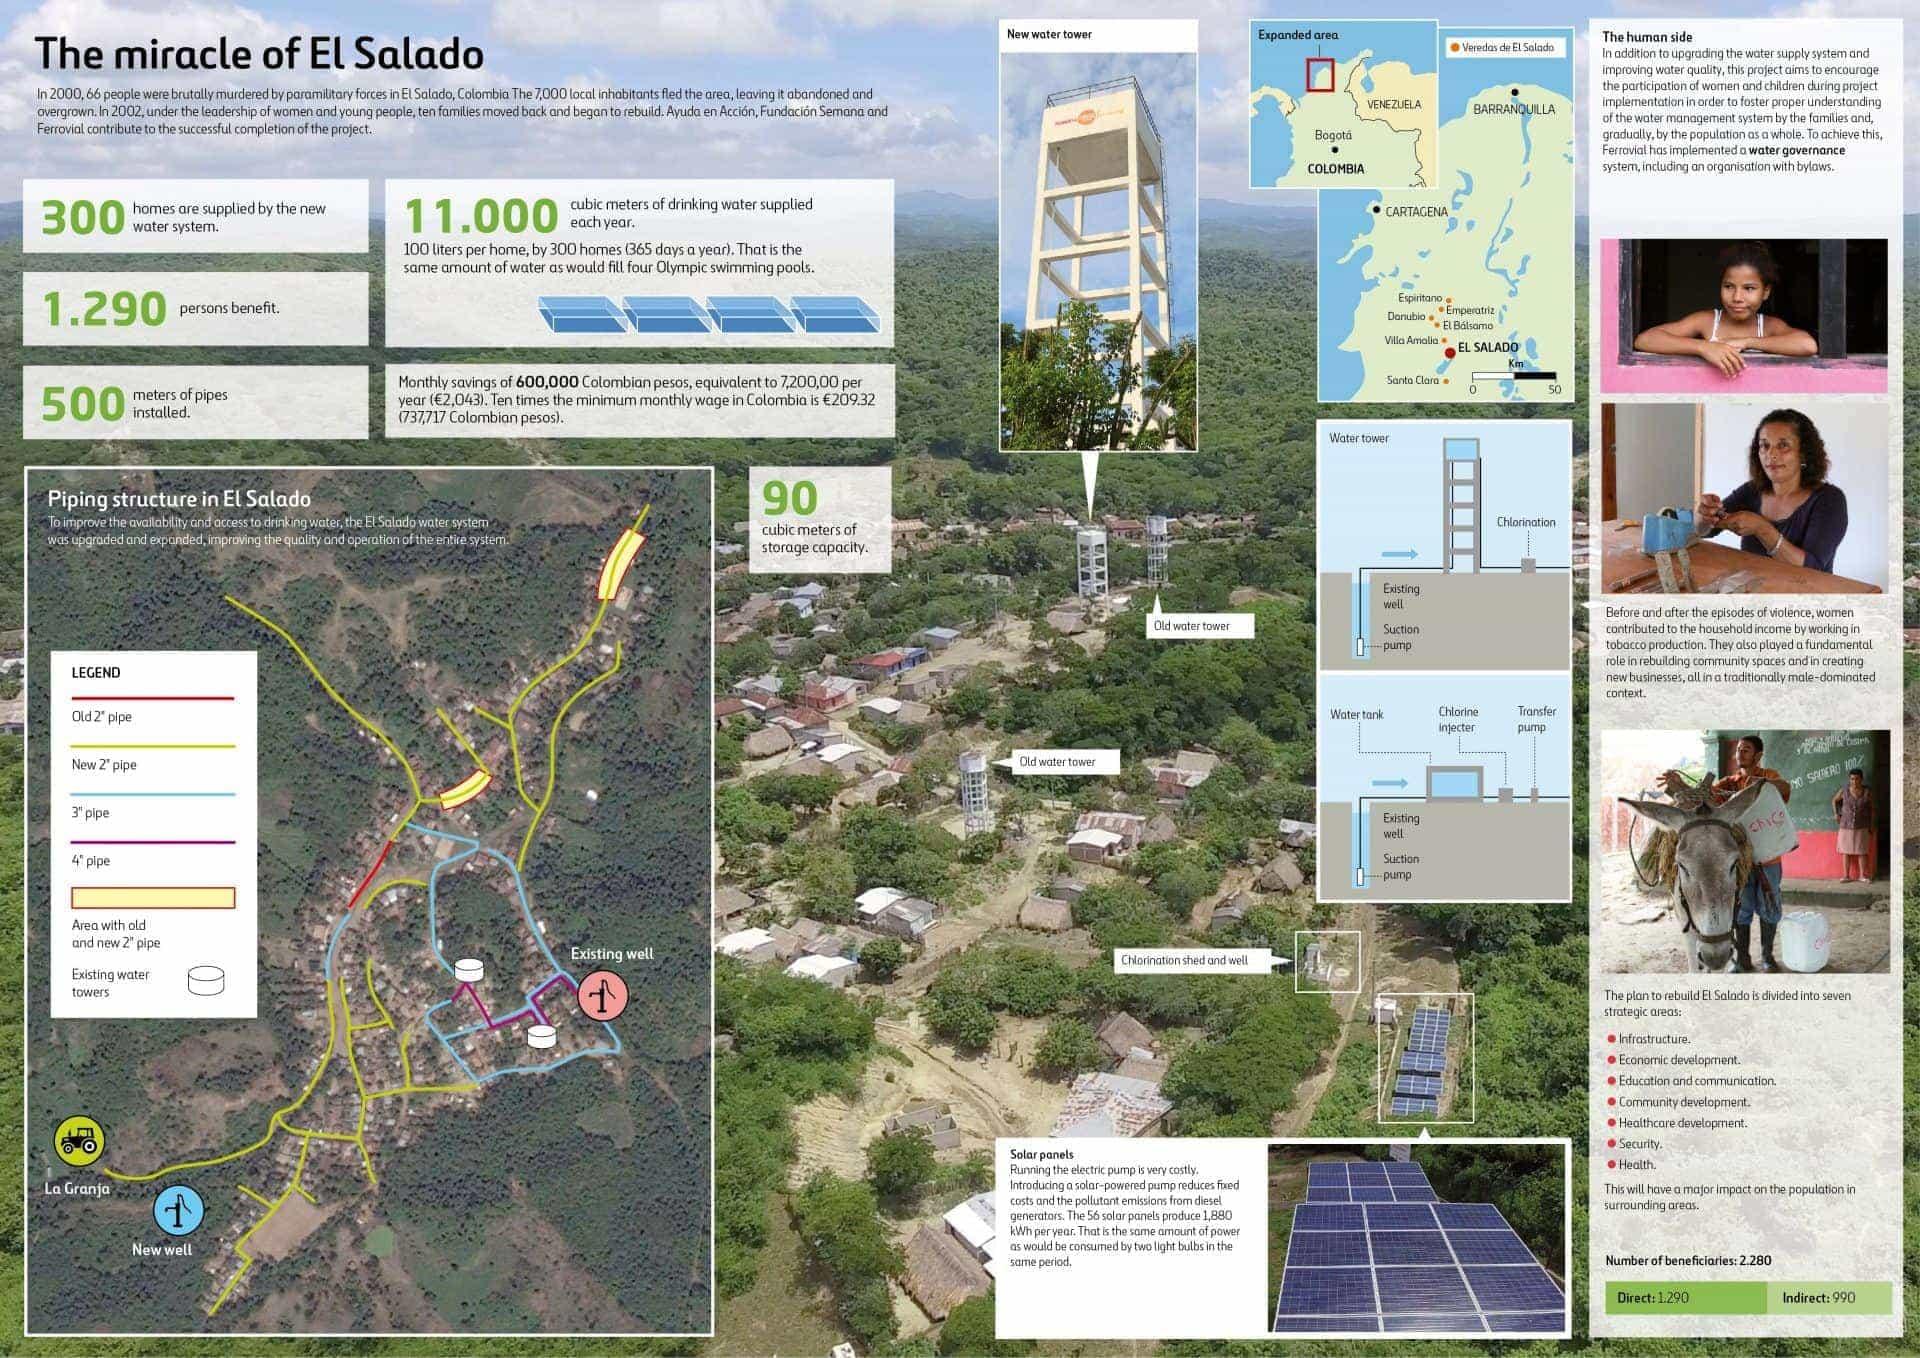 Infographic about the project deliverde by Ayuda en Acción, Fundación Semana and Ferrovial at El Salado, Colombia.